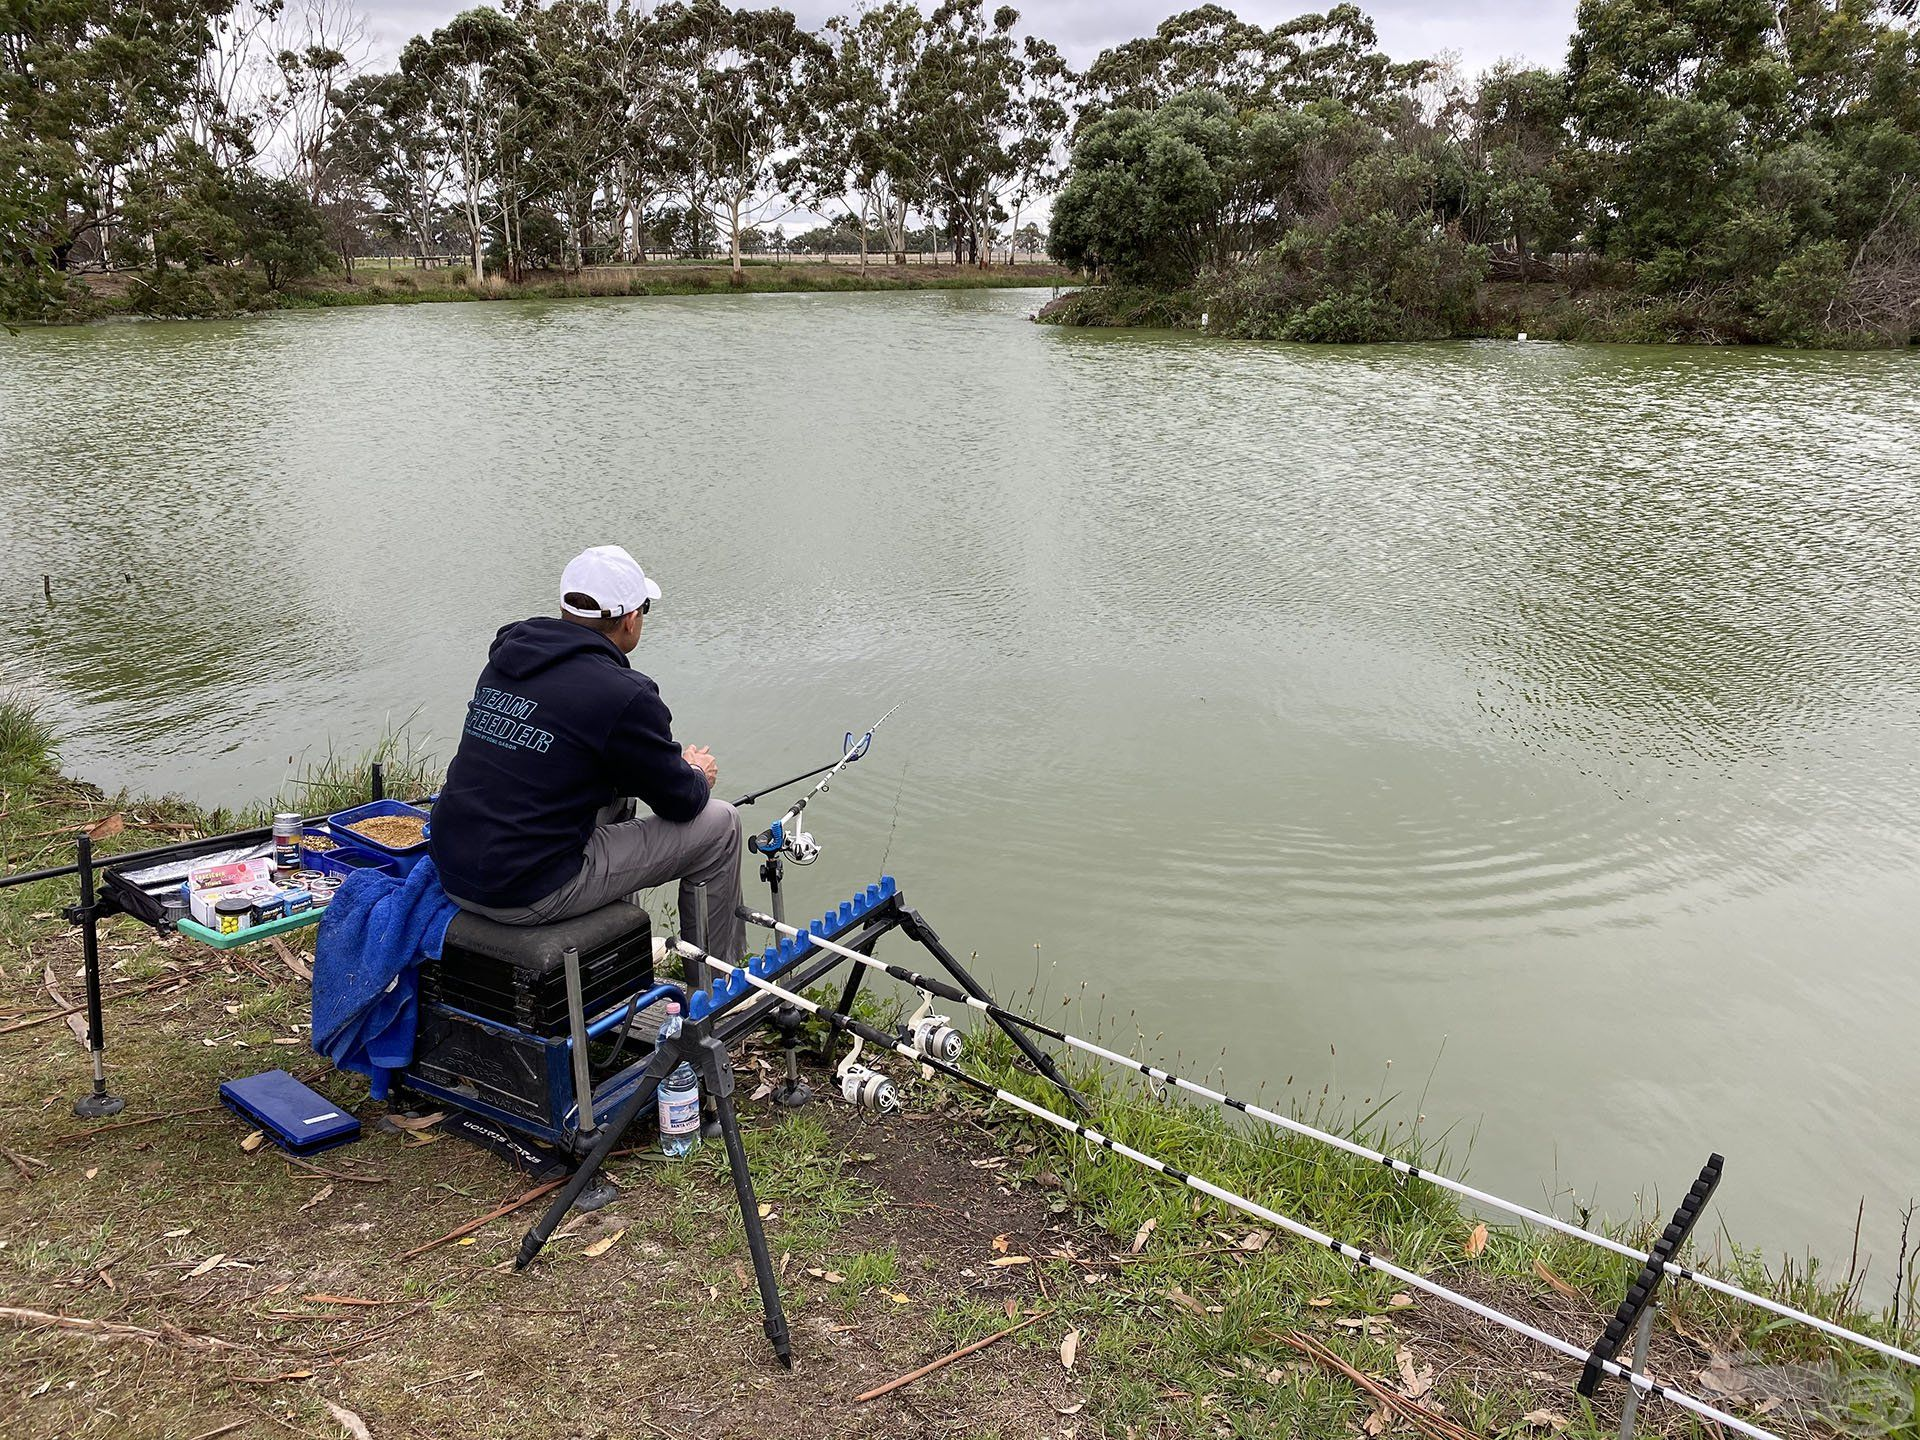 """Egy nagyon igényes és szépen kialakított, ahogy otthon mondanánk """"angolos"""" tavon horgásztam, amely a Melbourne-i Horgászklub versenytava, rengeteg ponttyal! Gondolnád, hogy ilyen is van Ausztráliában? Hát, bizony van!"""